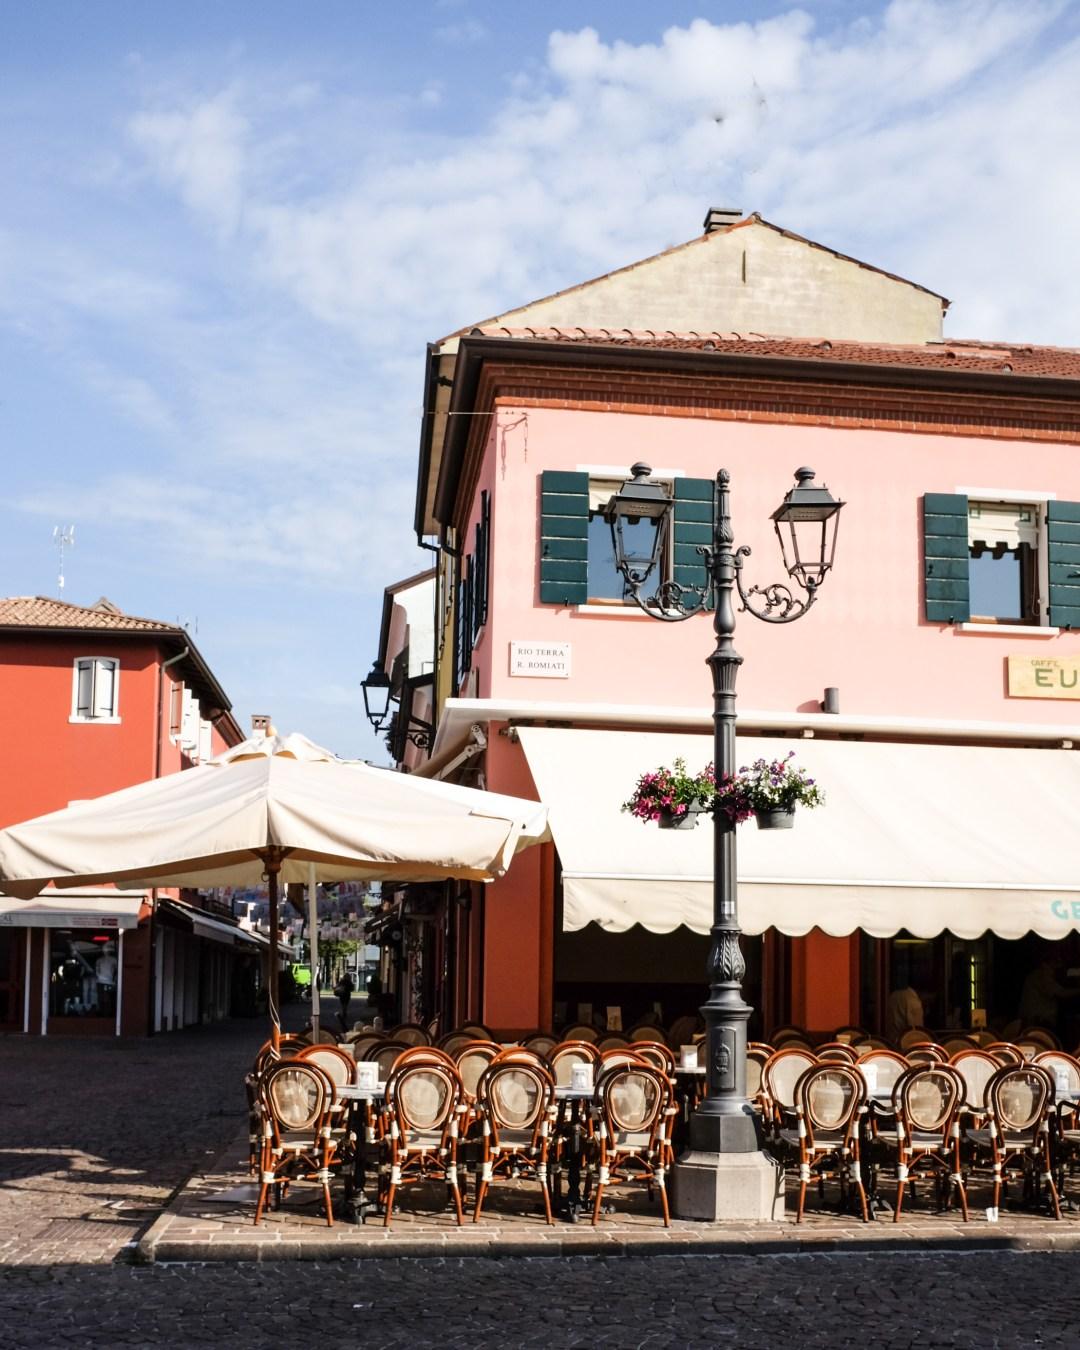 inastil, Ü50Blogger, Caorle, Familienurlaub, Italienurlaub, Strandurlaub, Italienliebe, Italien, Sommerurlaub, Urlaubstipps, Hoteltipp, Familienurlaub in Italien,_-16